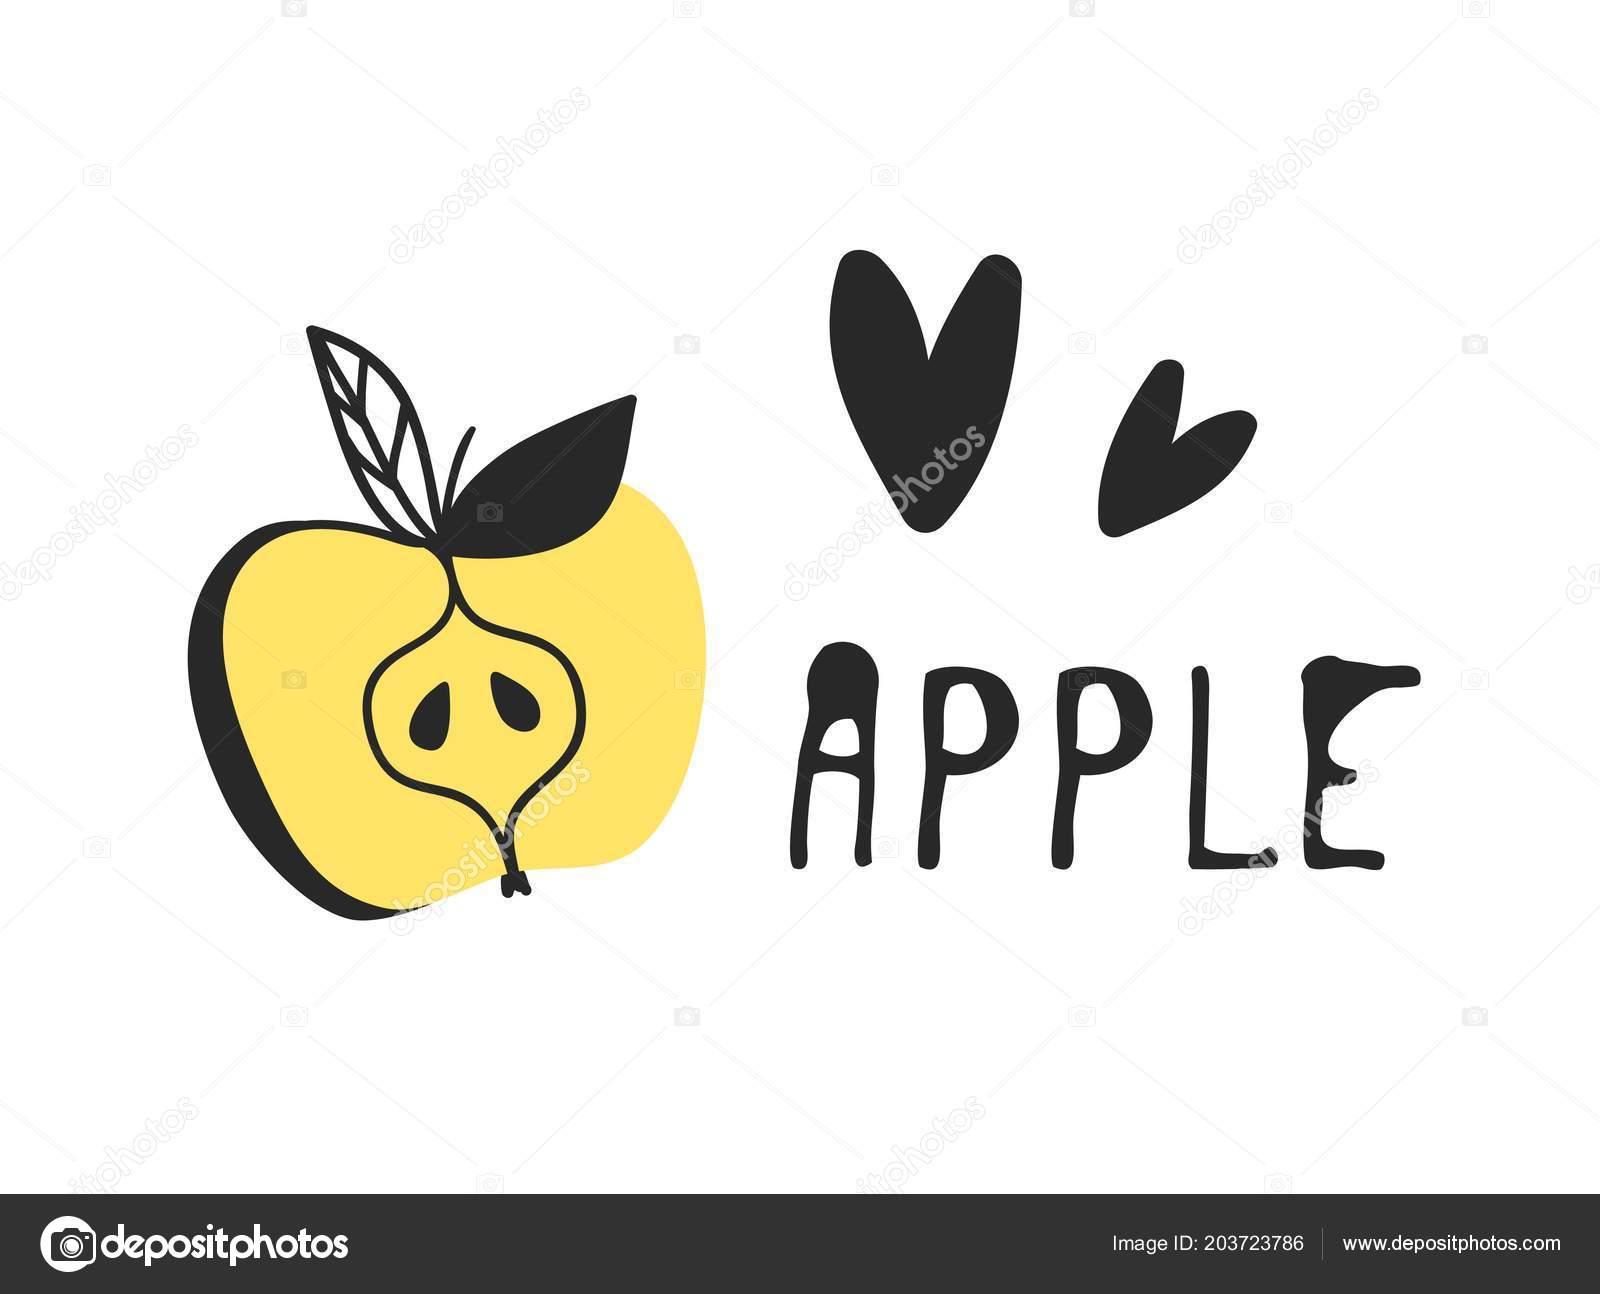 Rucne Kreslenou Sada Tropickeho Ovoce A Text Vektorove Umelecke